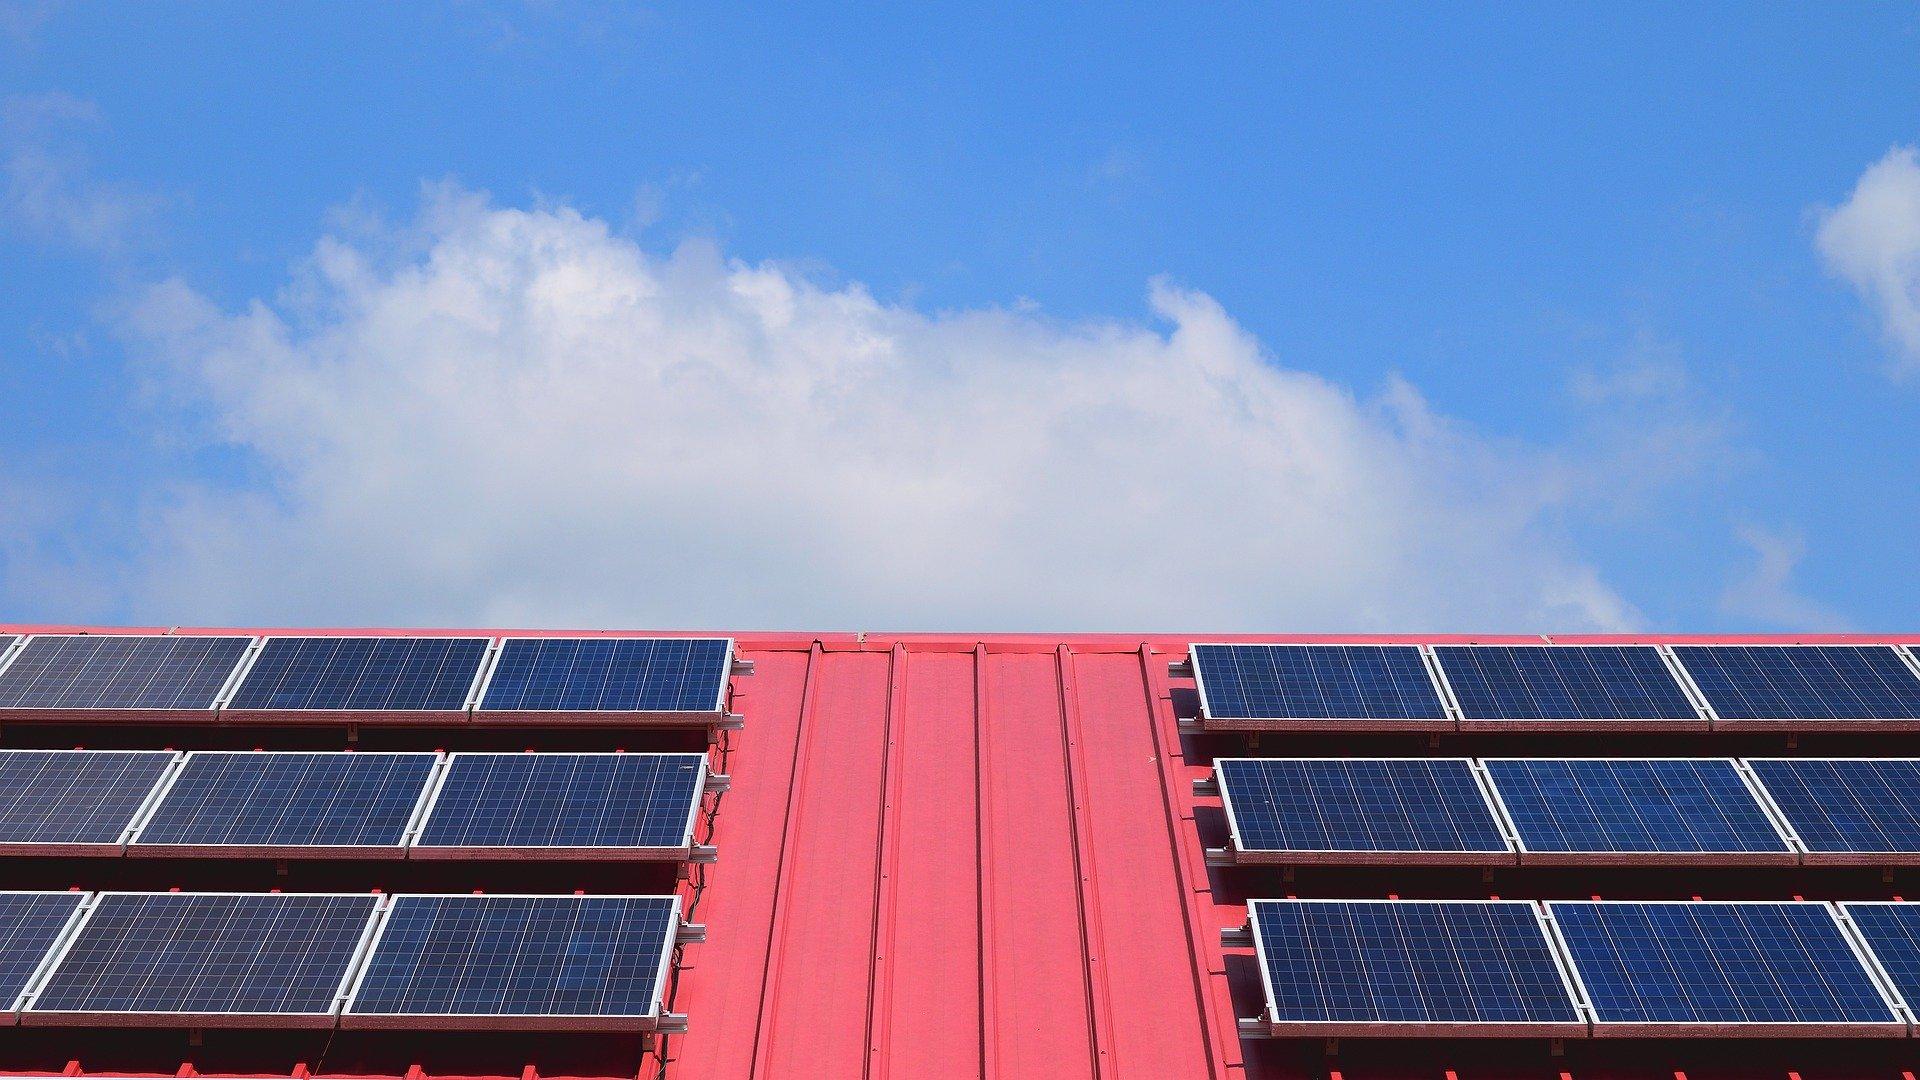 cessione credito 110 padova fotovoltaico